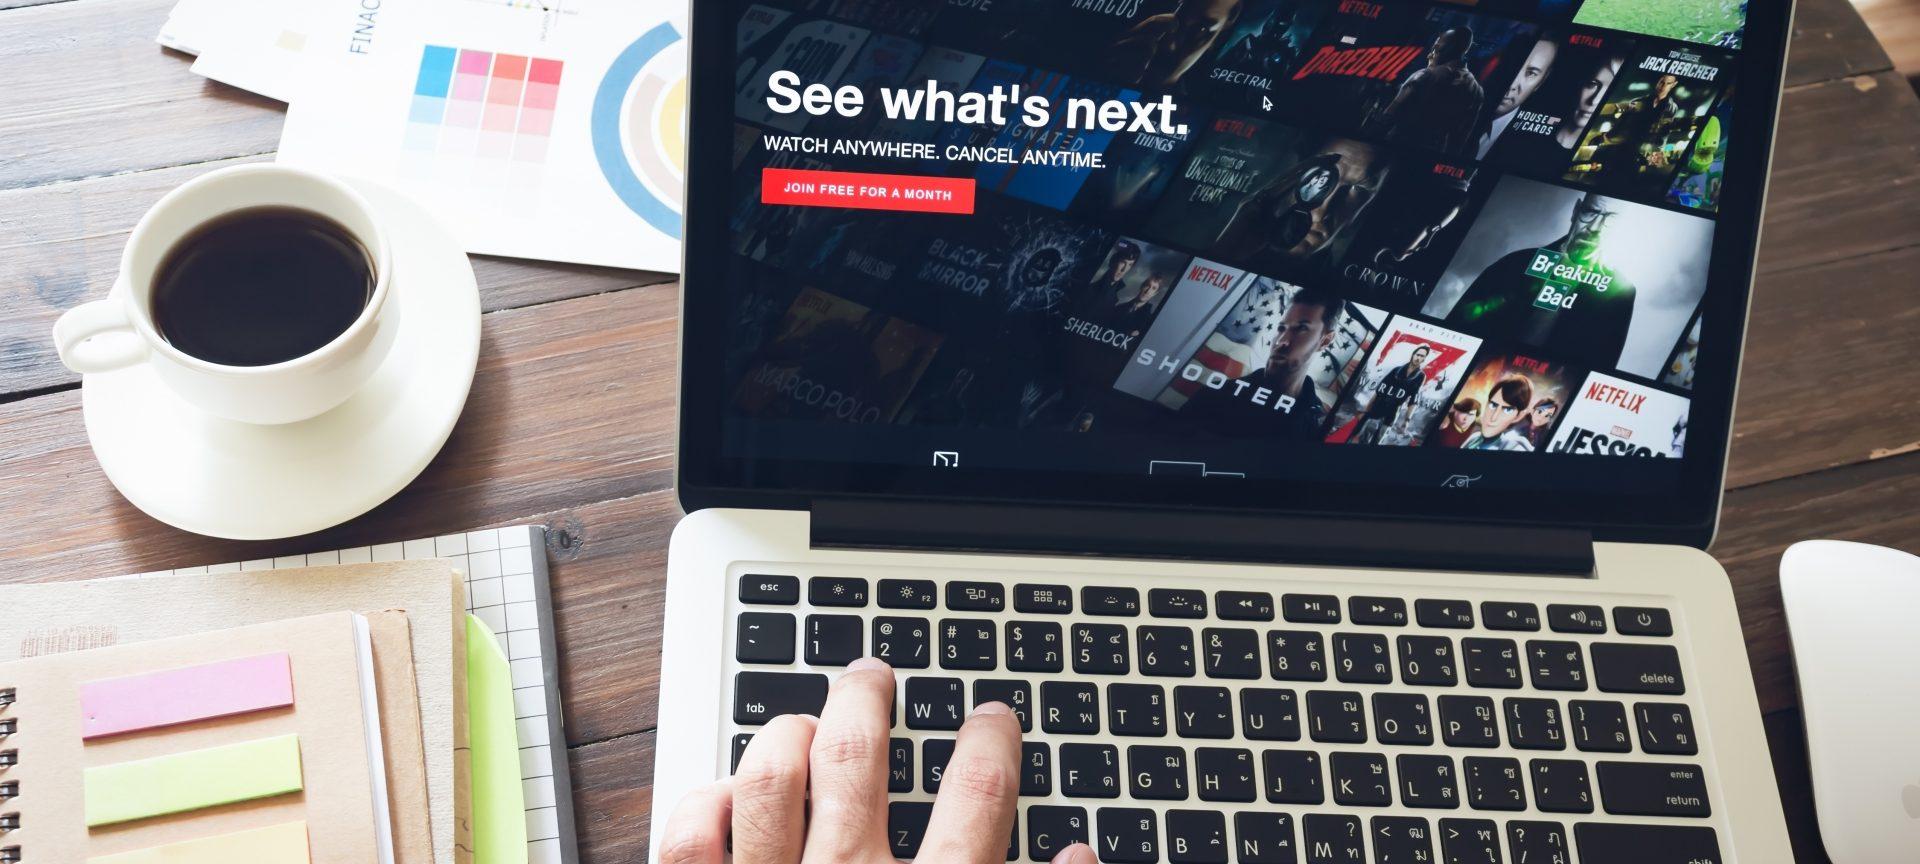 cele mai așteptate seriale de pe Netflix